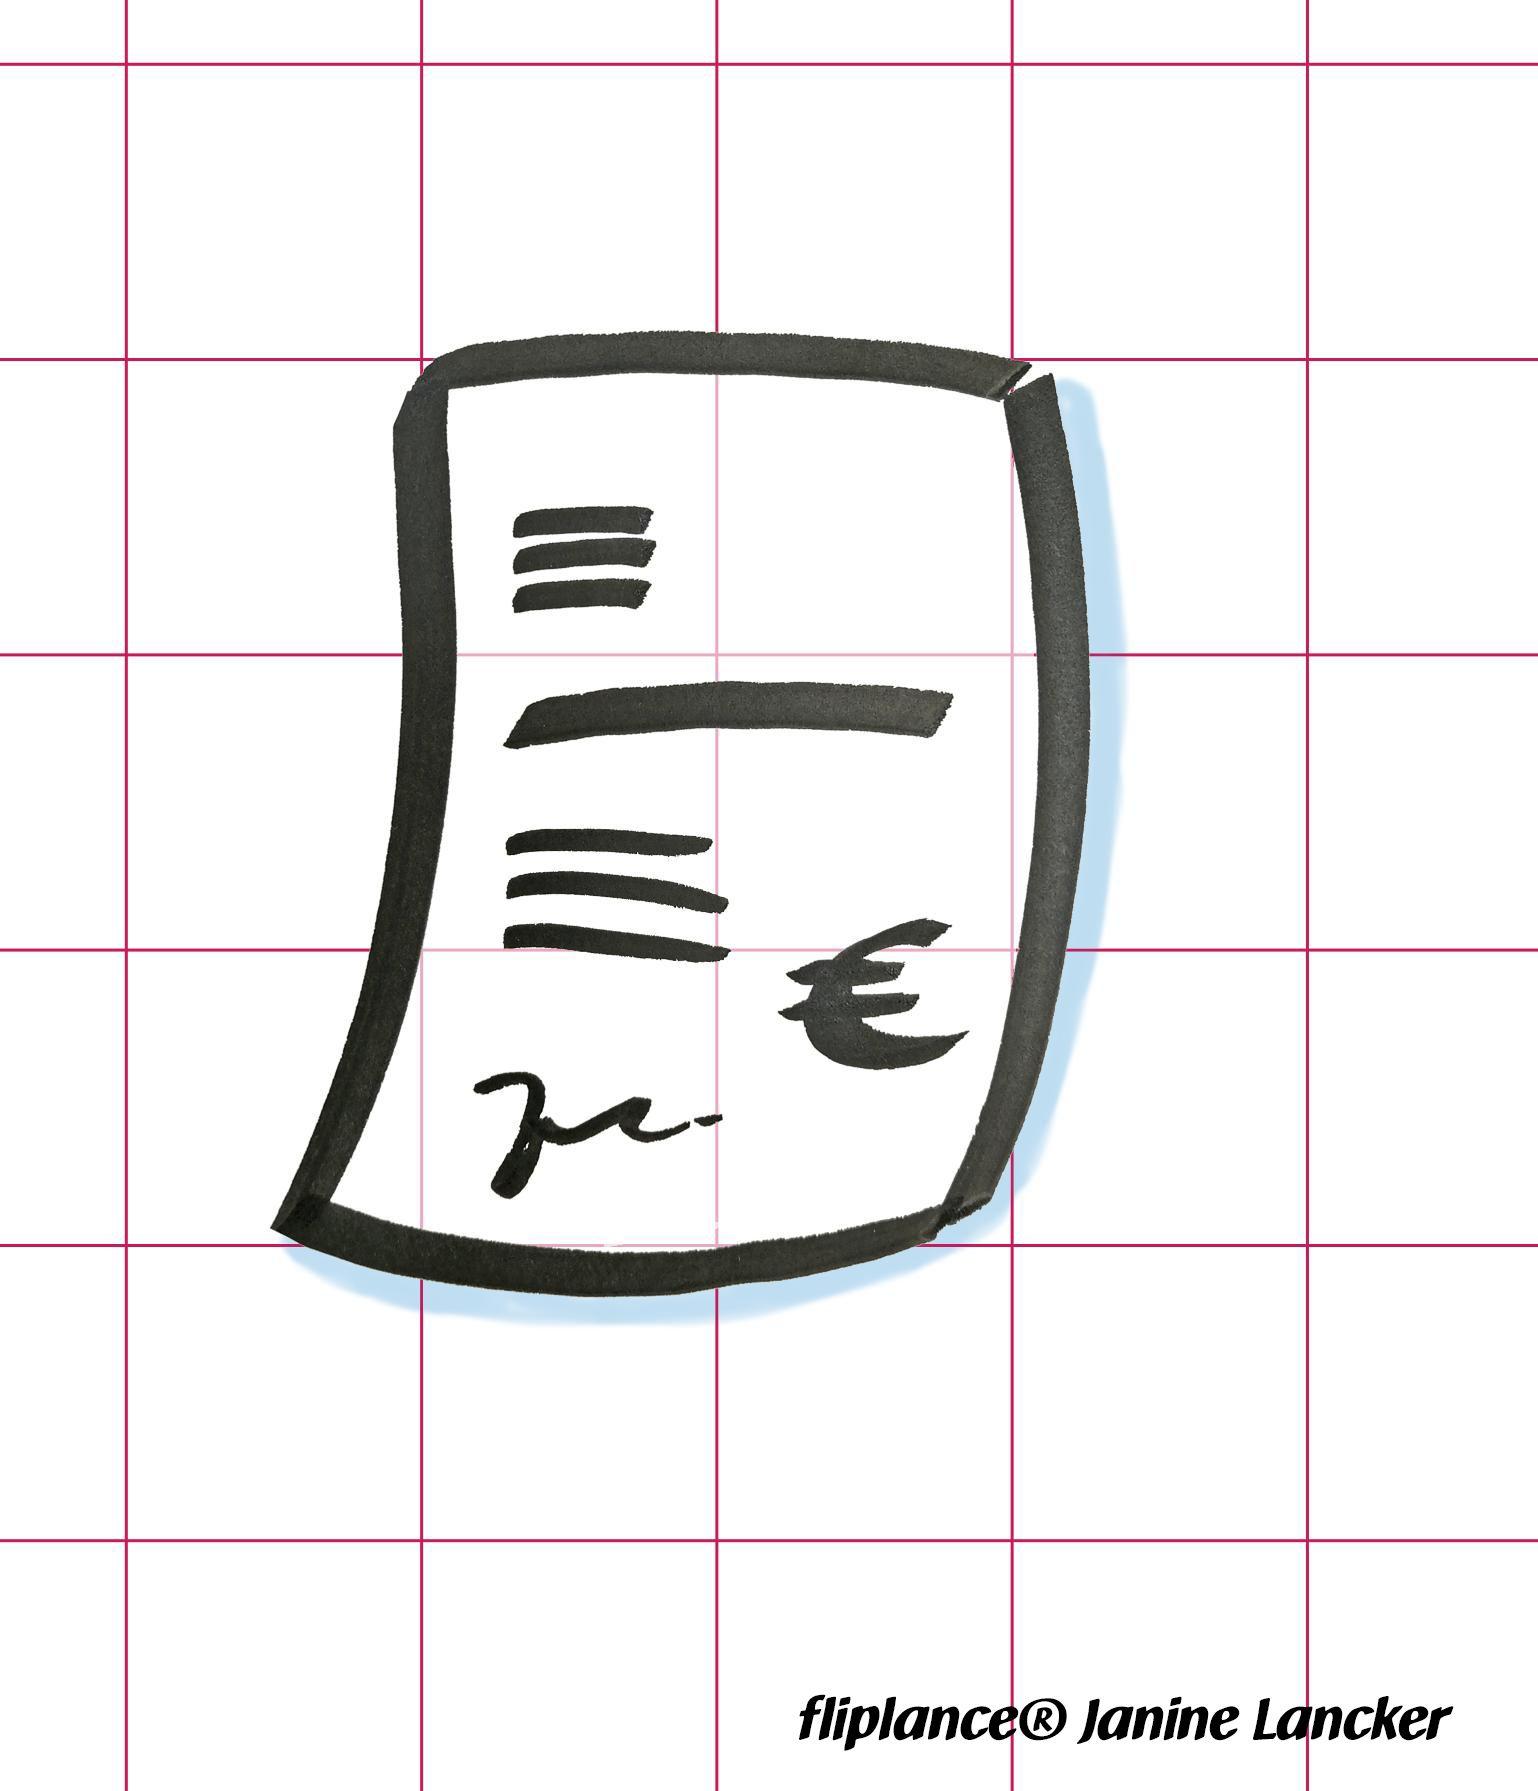 Eine Rechnung Papier Brief Formular Am Flipchart Zeichnen By